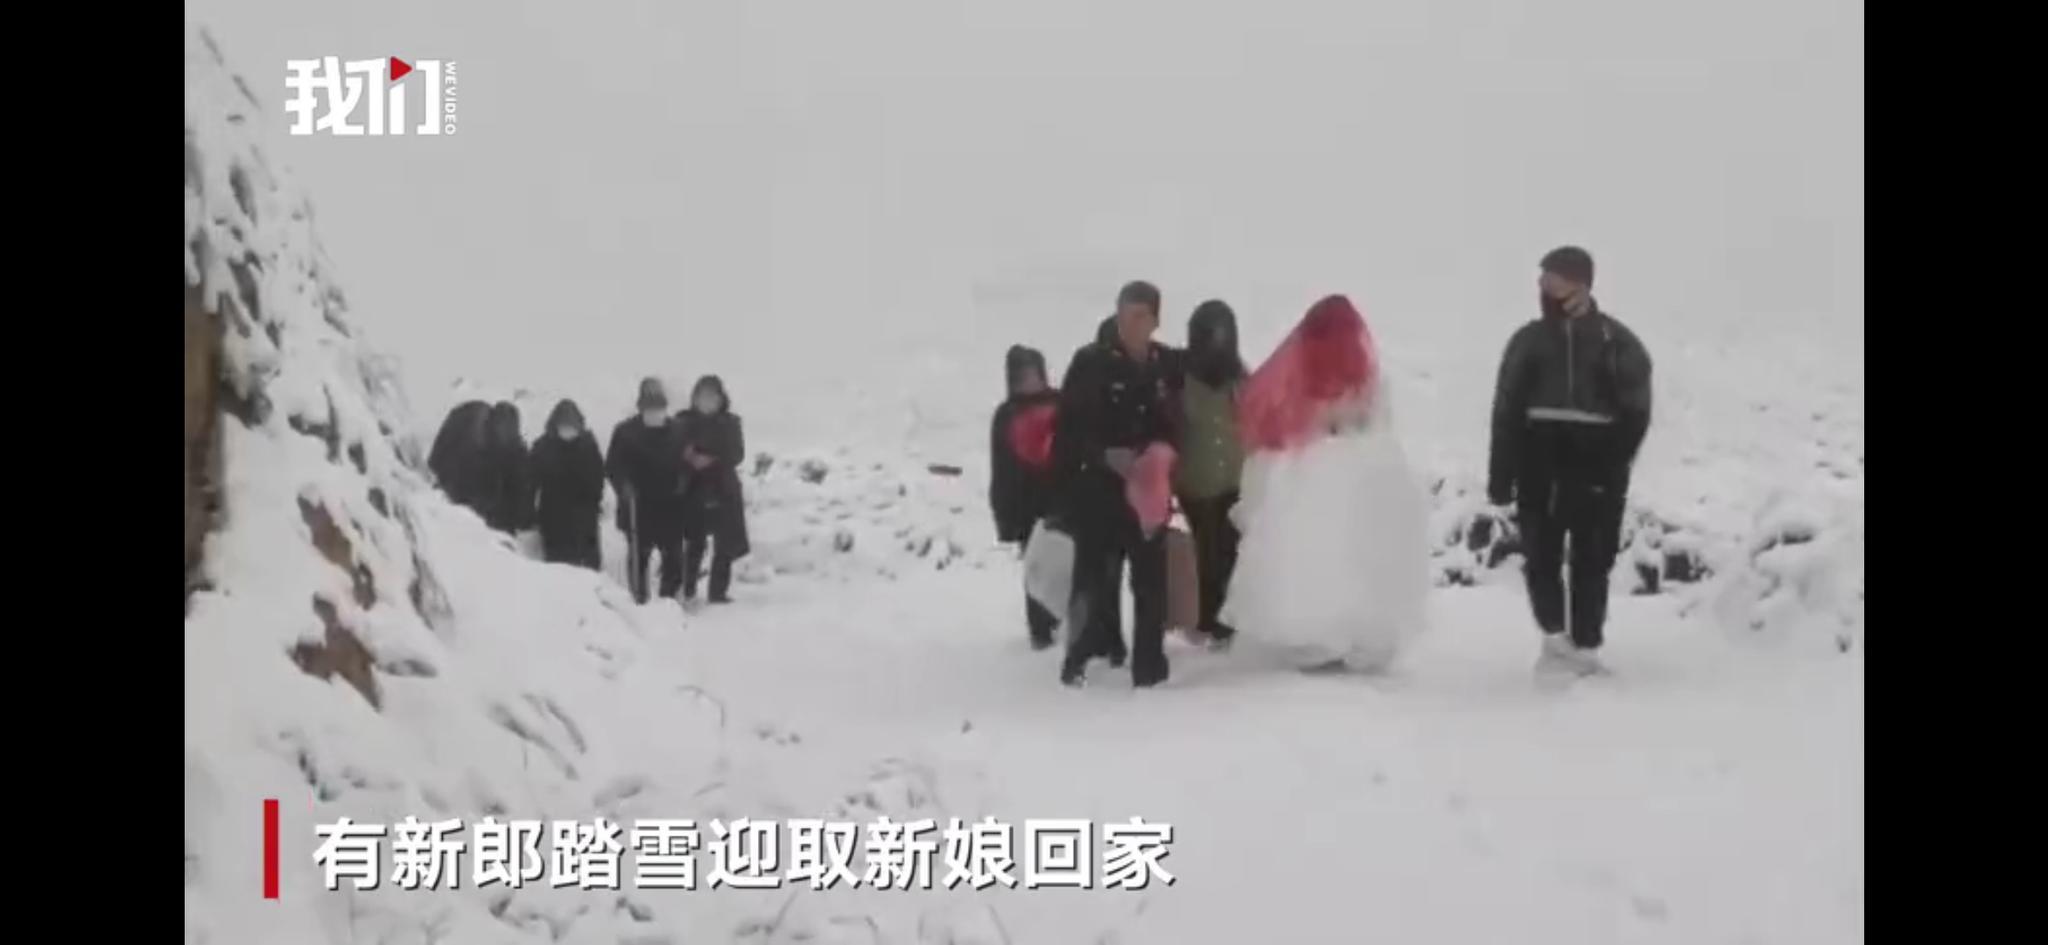 甘肃多地降雪,有新郎踏雪迎亲图片